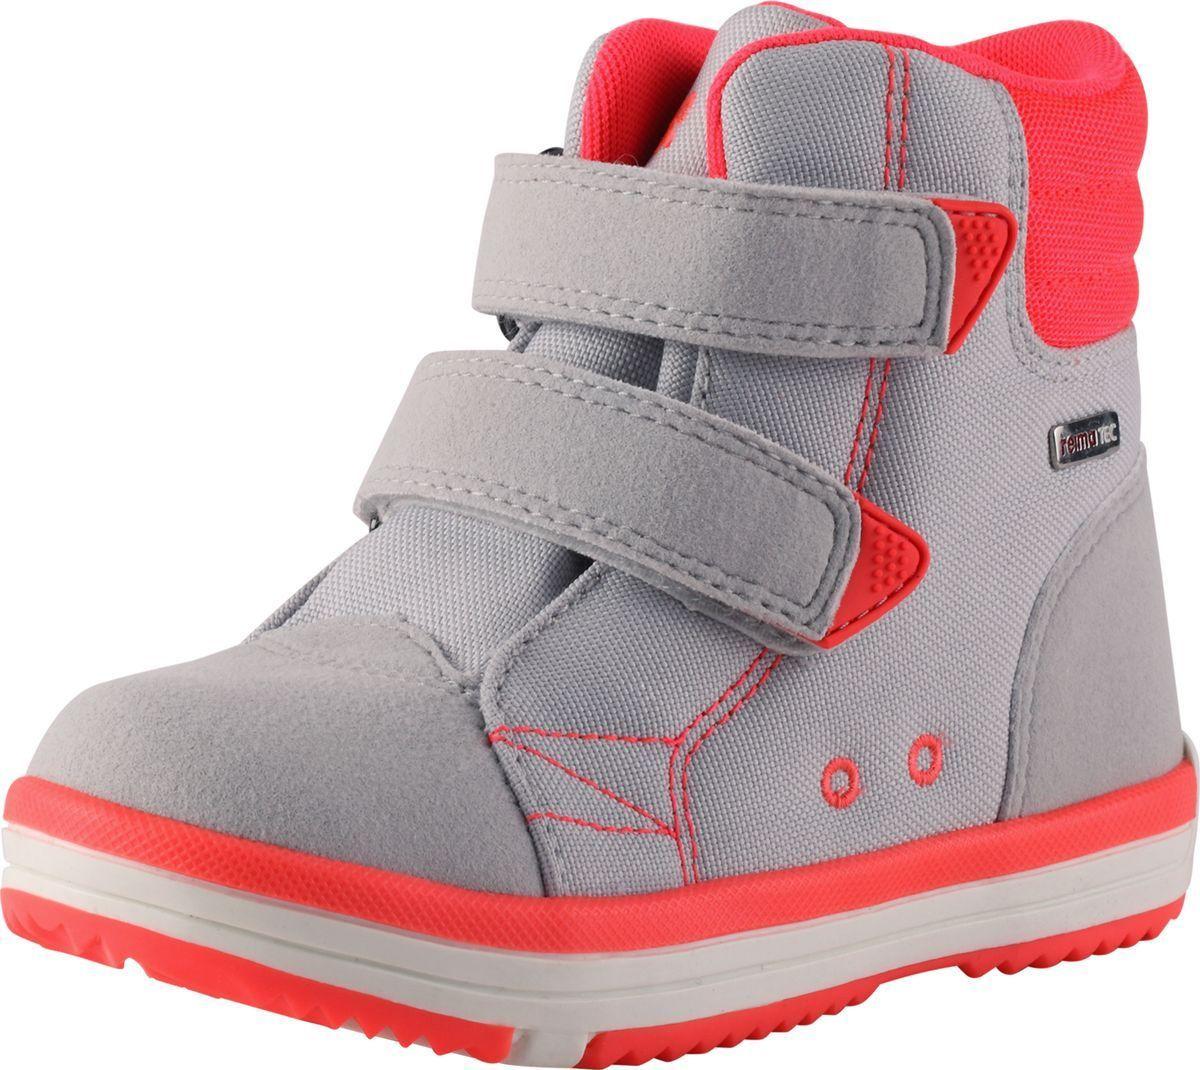 Ботинки детские Reima Patter, цвет: серый. 5693440310. Размер 355693440310Детские водонепроницаемые ботинки выполнены из микрофибры с грязеотталкивающим покрытием. Подкладка из Mesh-сетки с запаянными швами служит и защите от воды и холода, и тому, что в этих ботинках воздух может спокойно циркулировать, спасая ноги ребенка от перегревания. Съемные стельки помогают быстро просушить обувь, а рисунок Happy Fit облегчит правильный выбор размера. Застежки на липучках облегчают обувание и позволяют ребенку самому застегнуть их при необходимости. Рифленая гибкая подошва из термопластической резины обеспечивает надежную устойчивость. Средняя степень утепления. Уважаемые клиенты! Обращаем ваше внимание на то, что на модели с 28 размера предусмотрены три застежки-липучки.